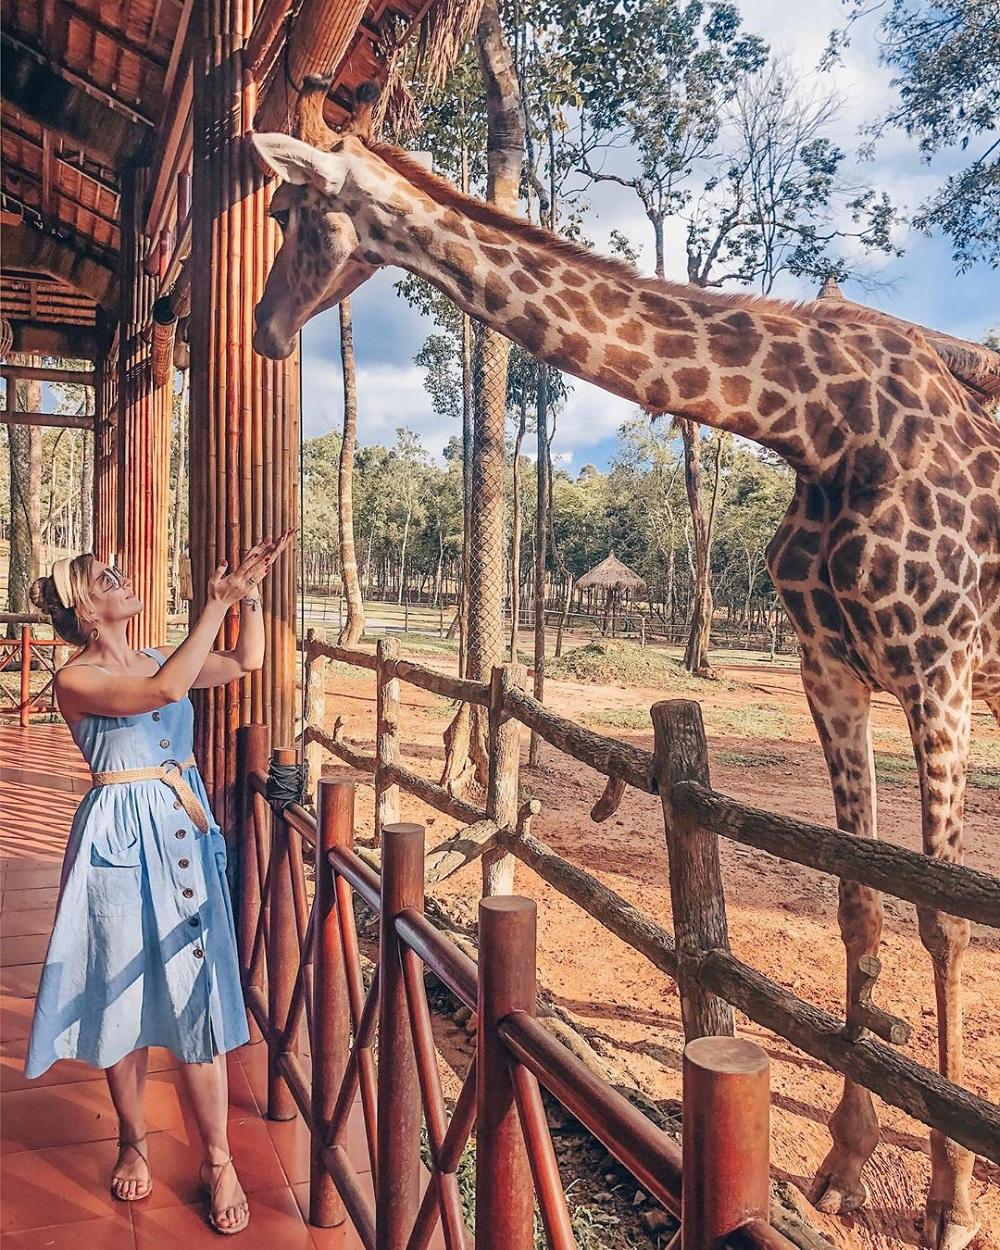 Hưu cao cổ tại khu vườn thú mở